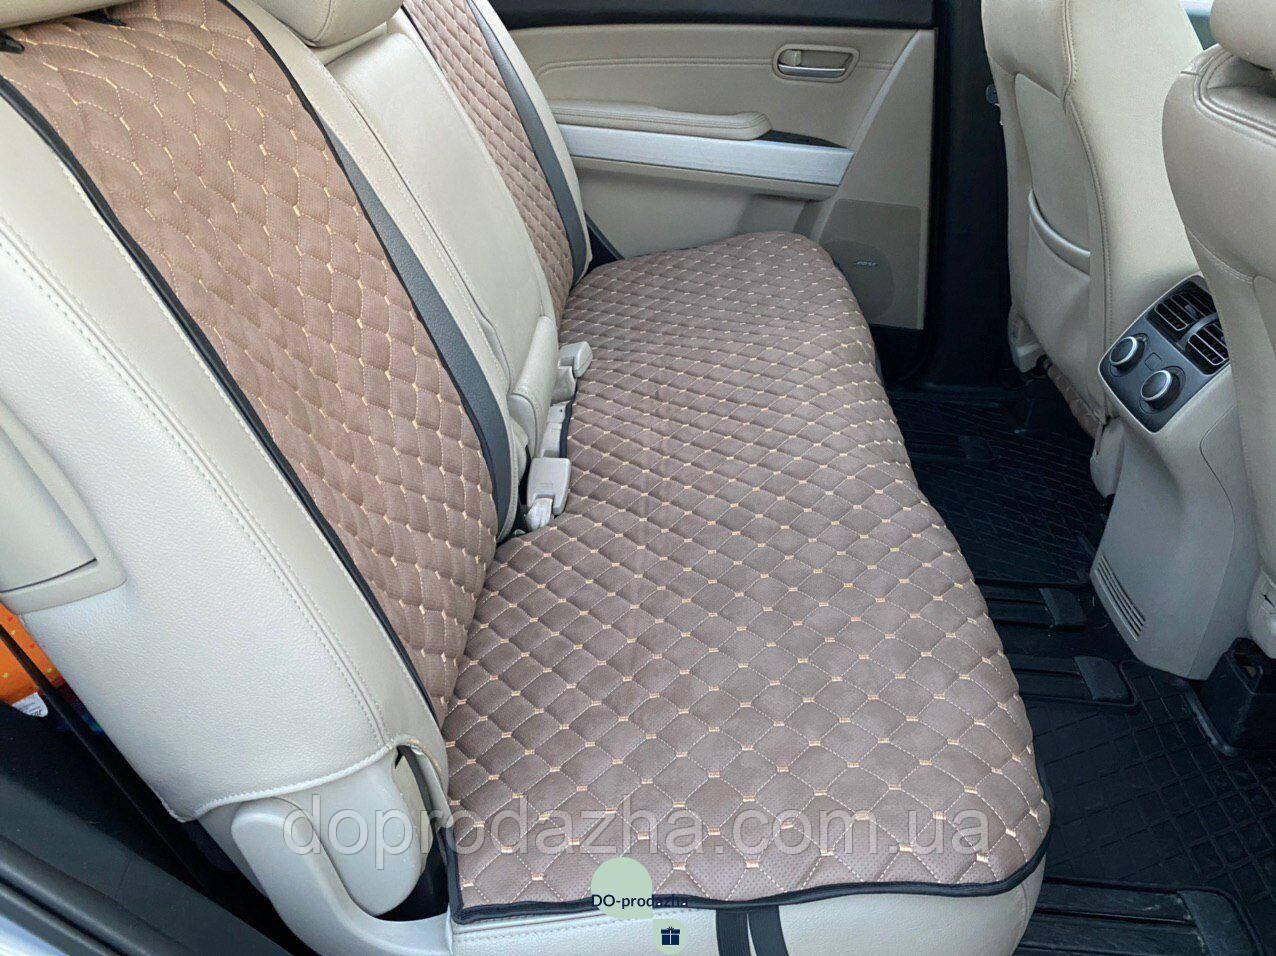 Накидки задні для авто з перфорованої екошкіри, Світло-коричневі